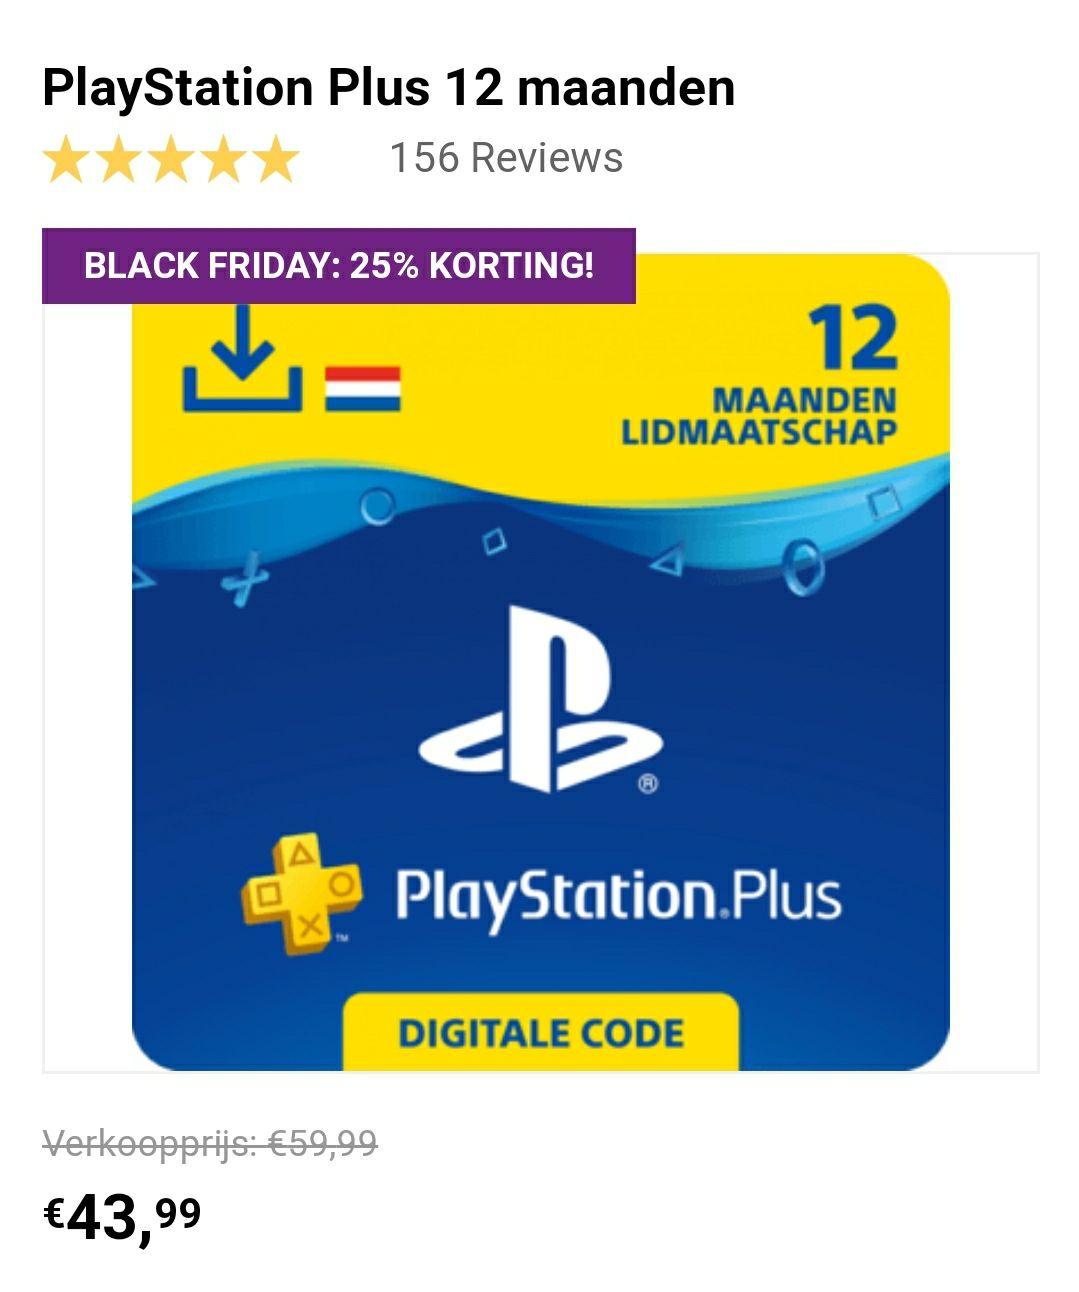 Playstation Plus 12 maanden lidmaatschap (Startselect)